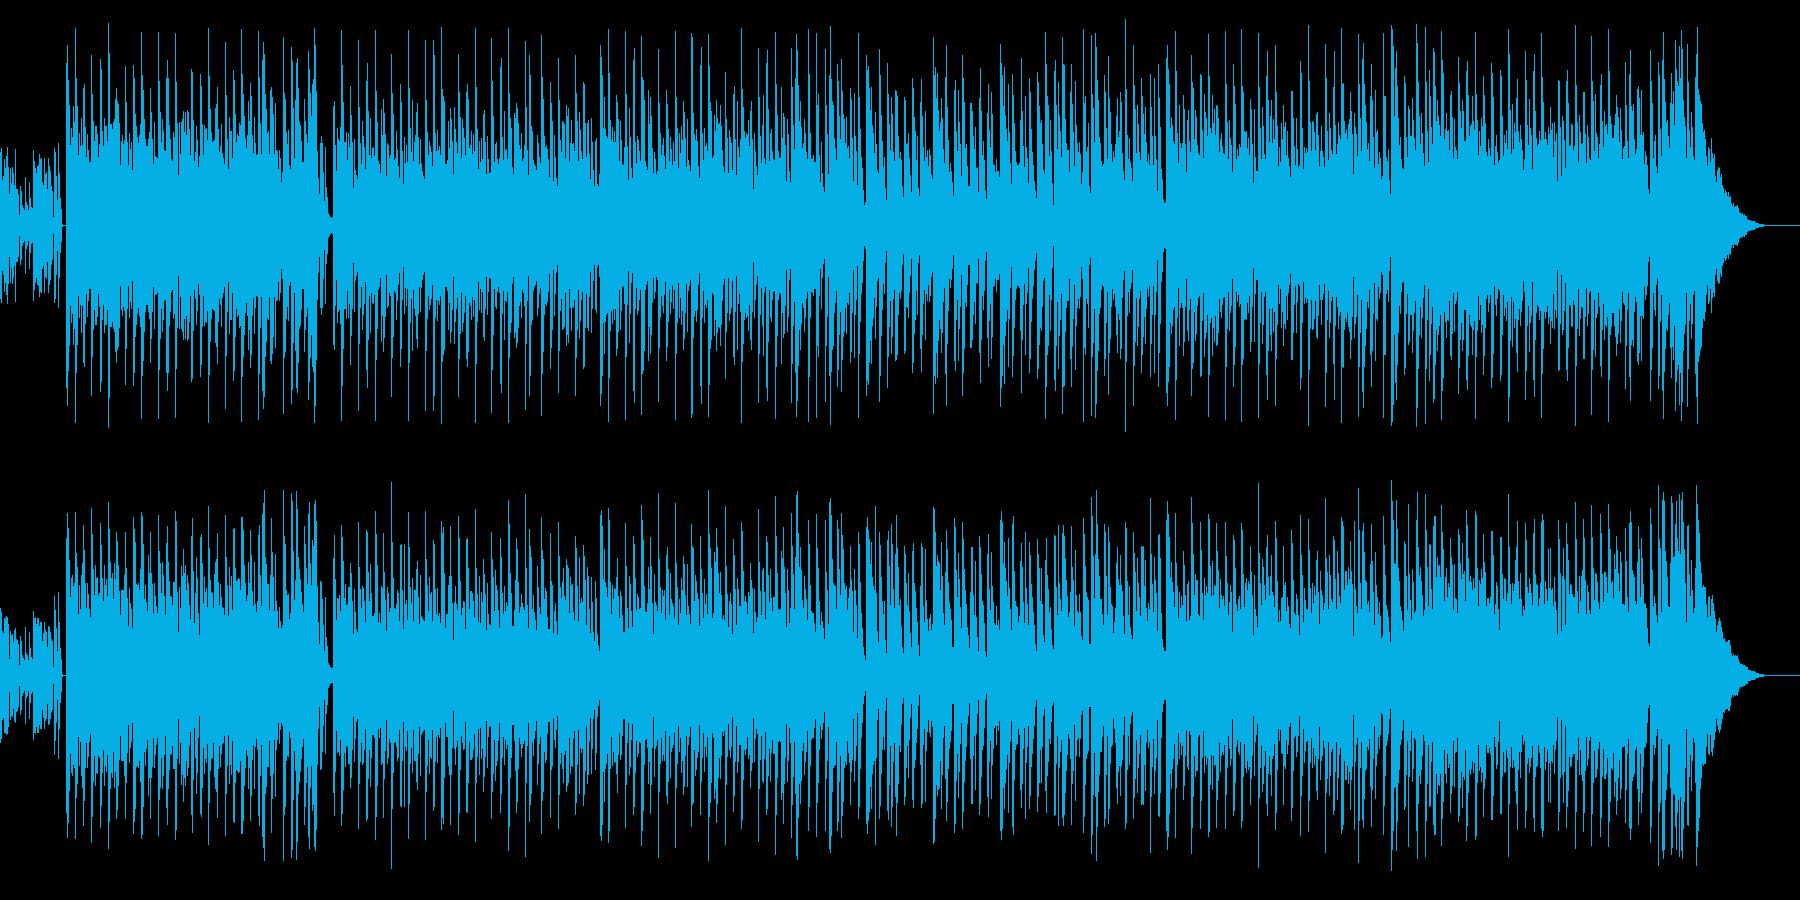 夏っぽいボサノバチックBGMの再生済みの波形